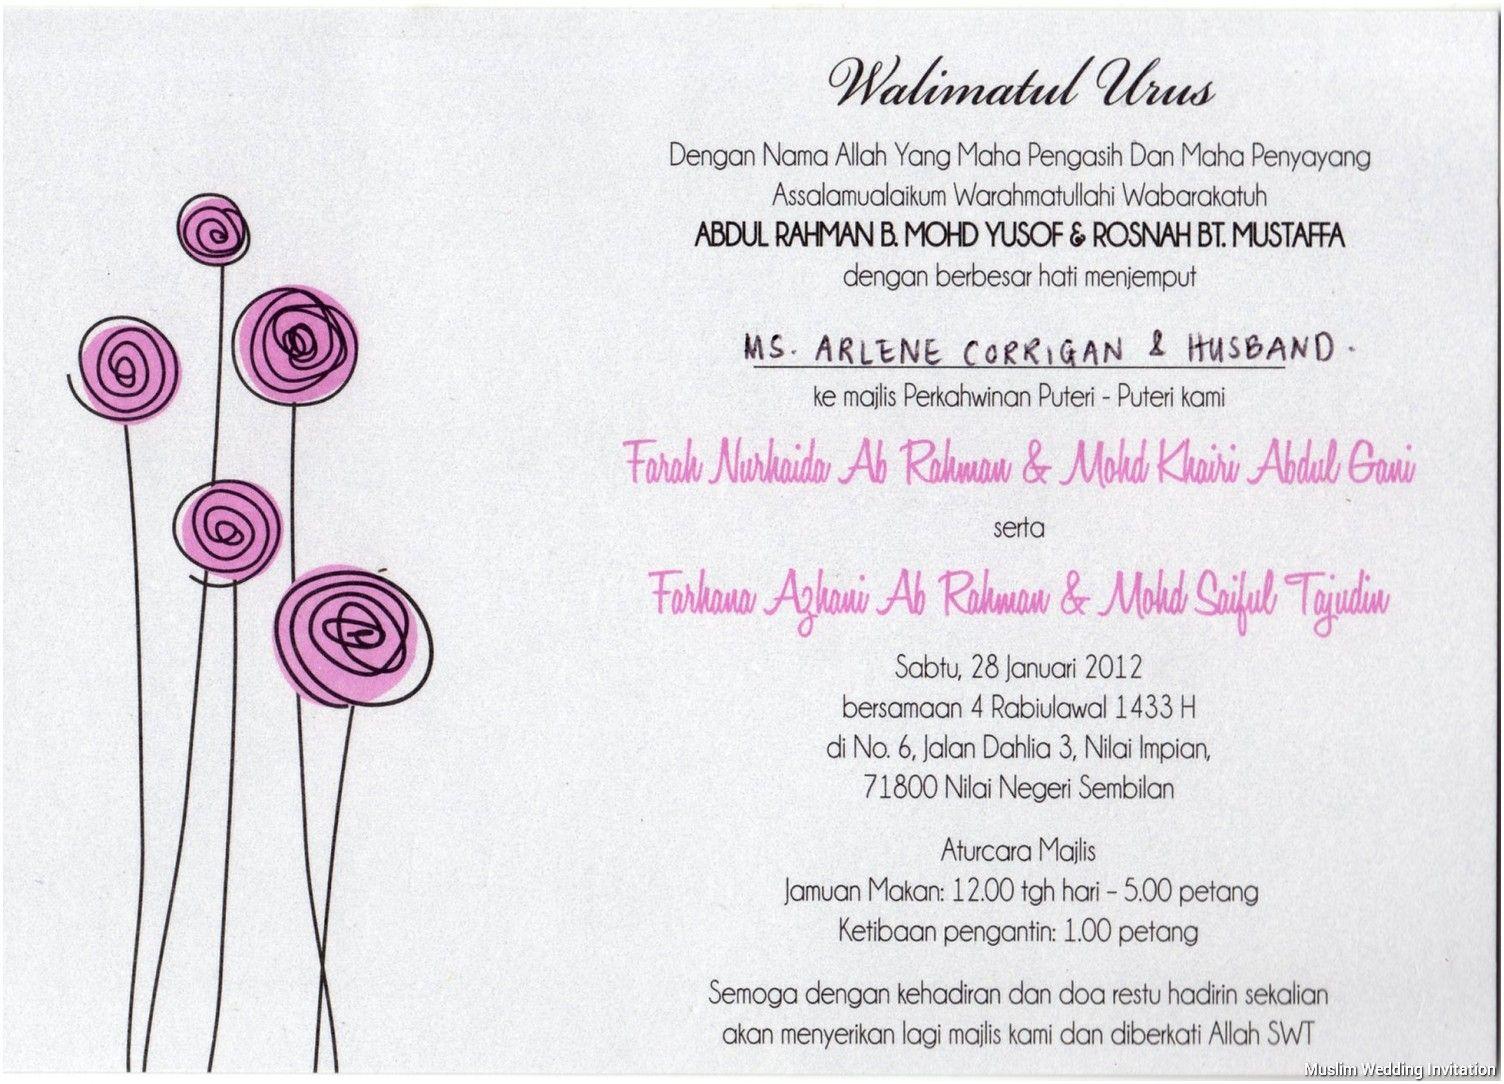 Wedding Invitation Wordings Muslim 10 Muslim Wedding Invitations Islamic Wedding Wedding Invitation Wording Templates